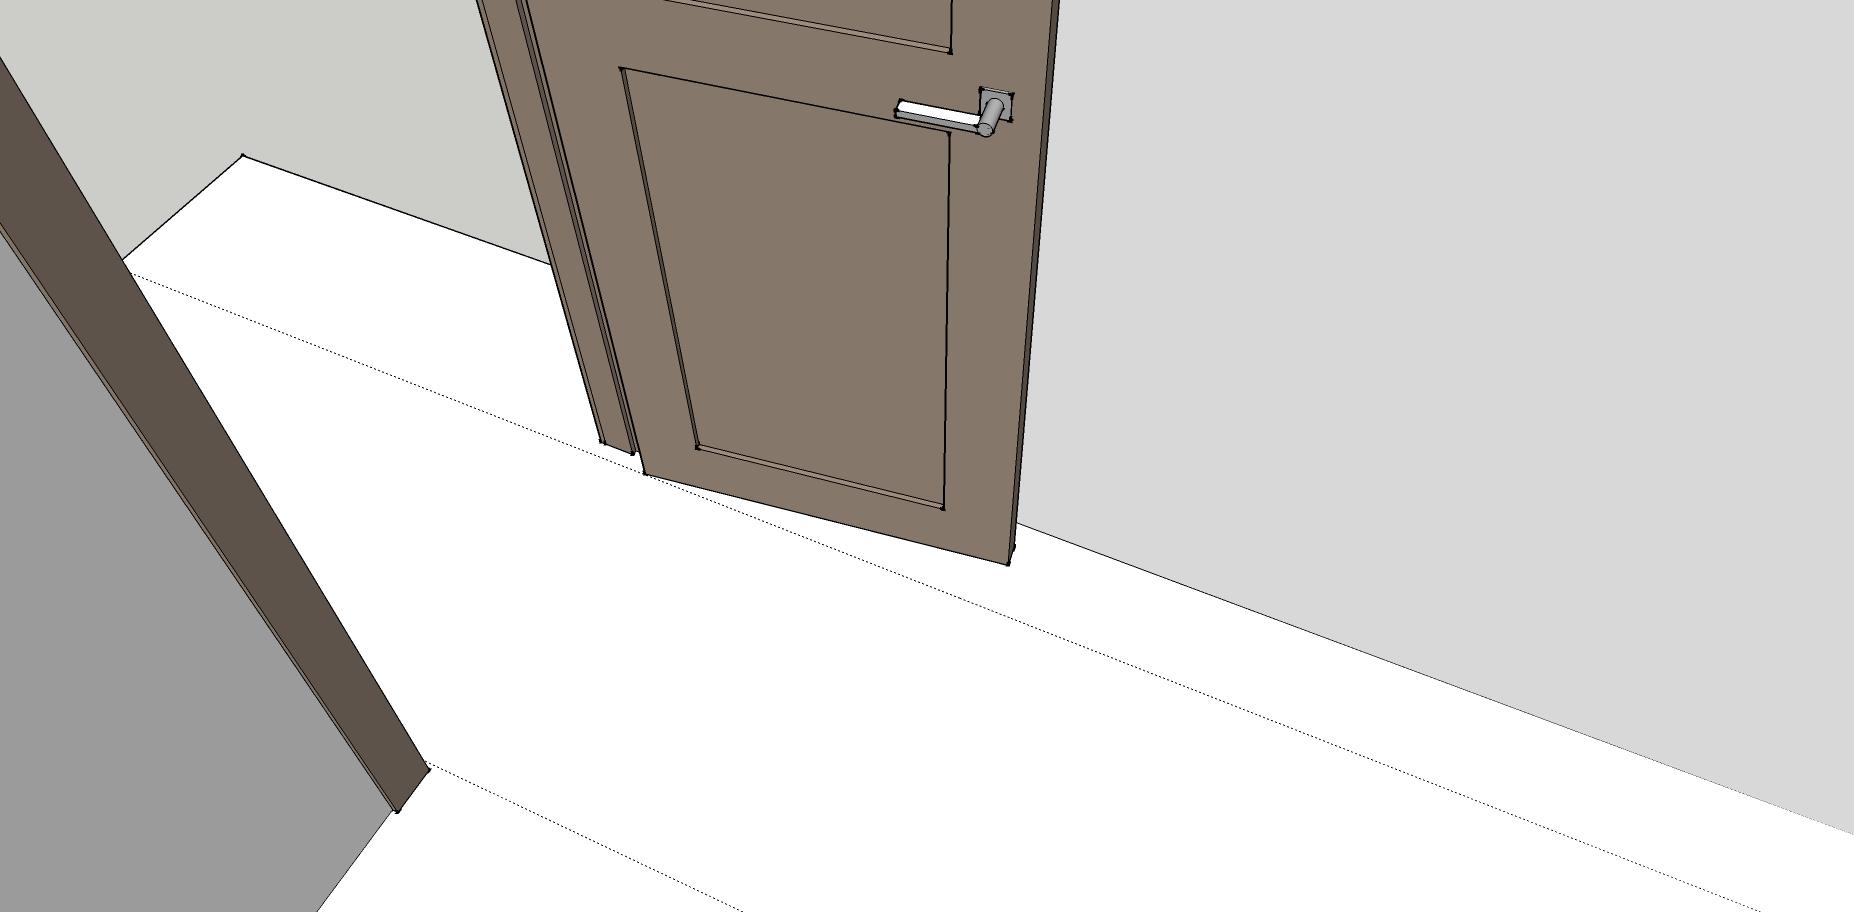 okna-dveri-kuhni-risovator скачать торрент